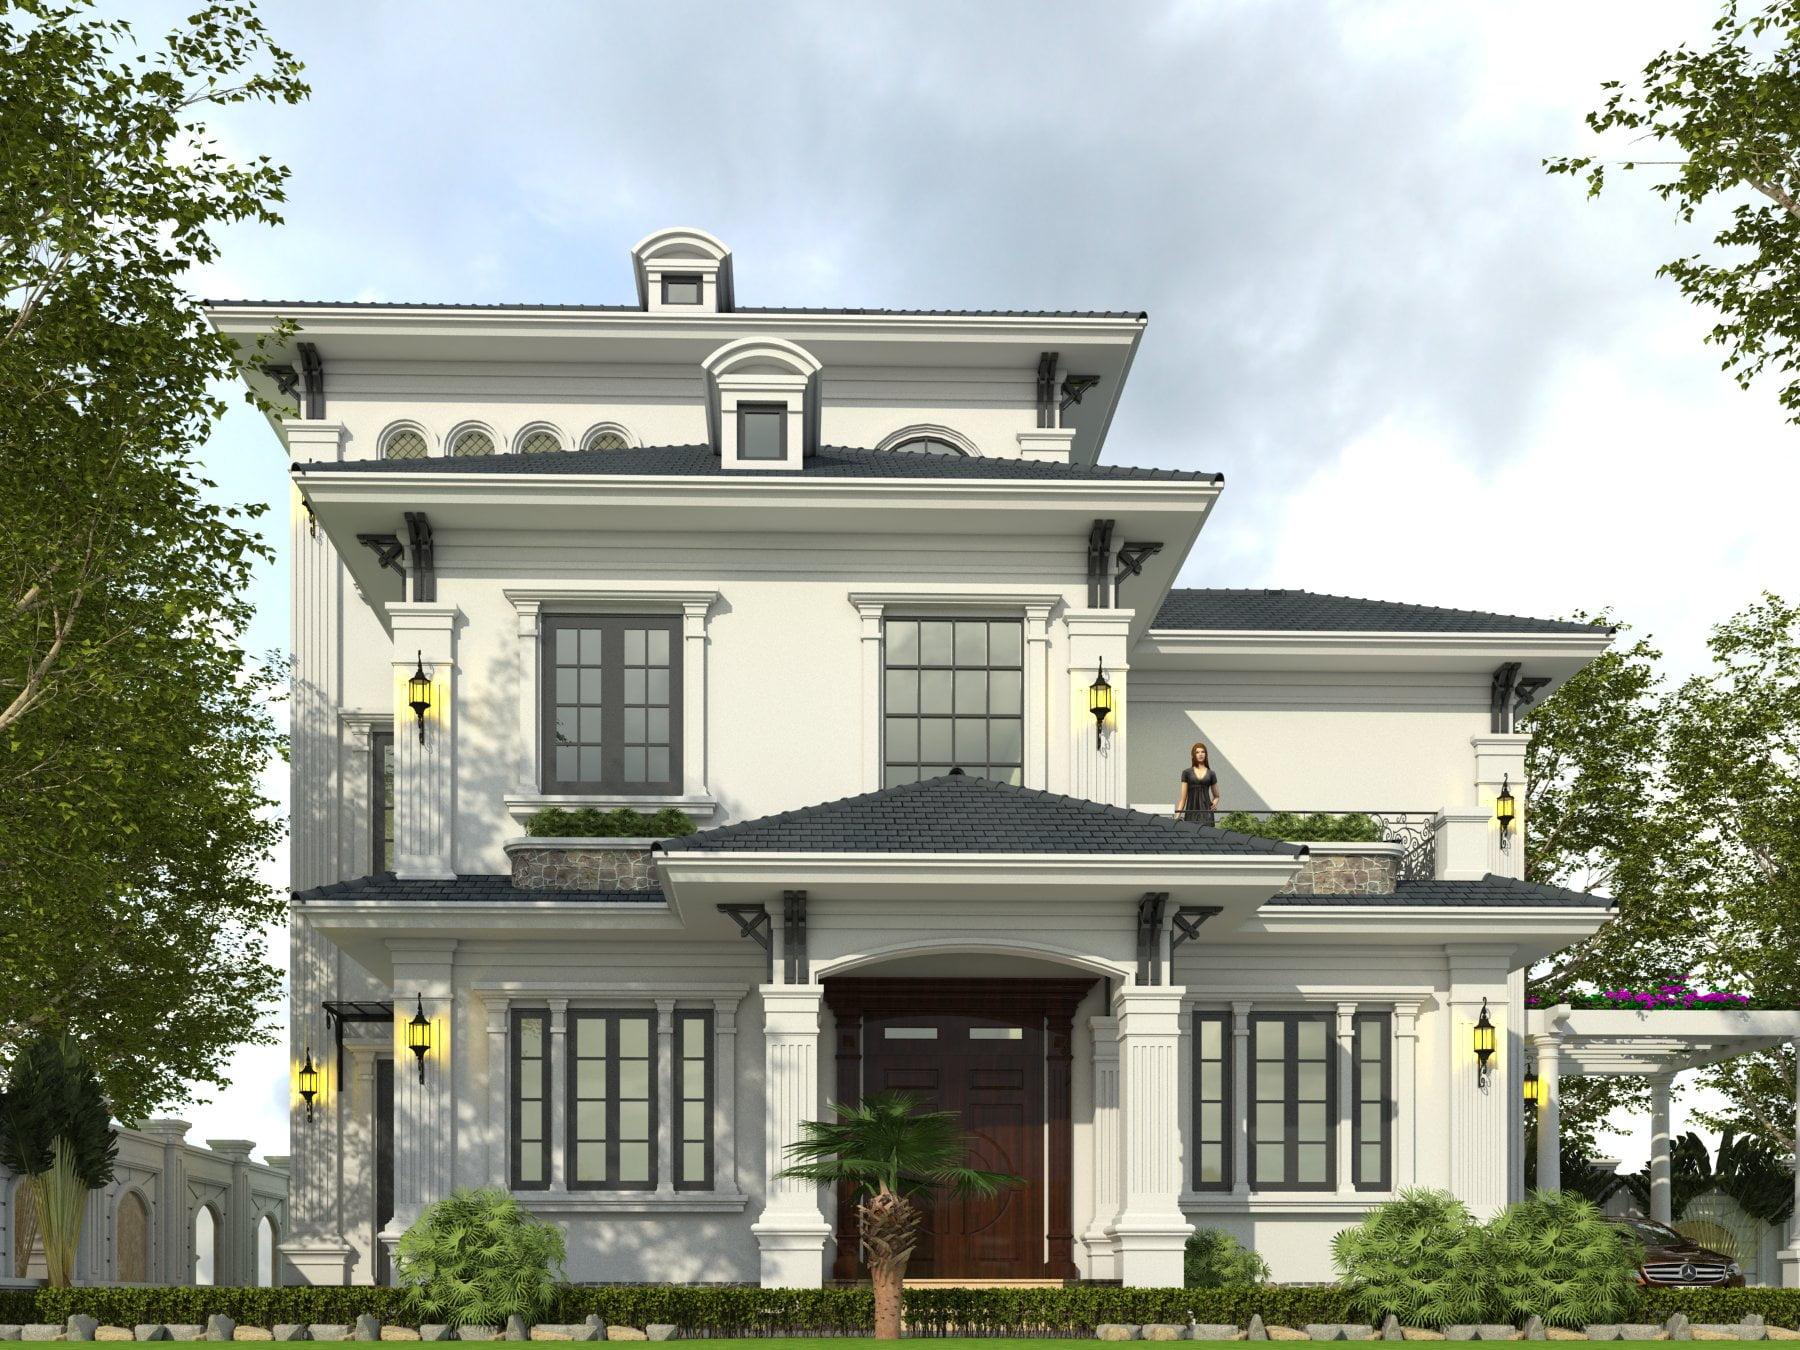 thiết kế nhà biệt thự 3 tầng mái thái đẹp 1